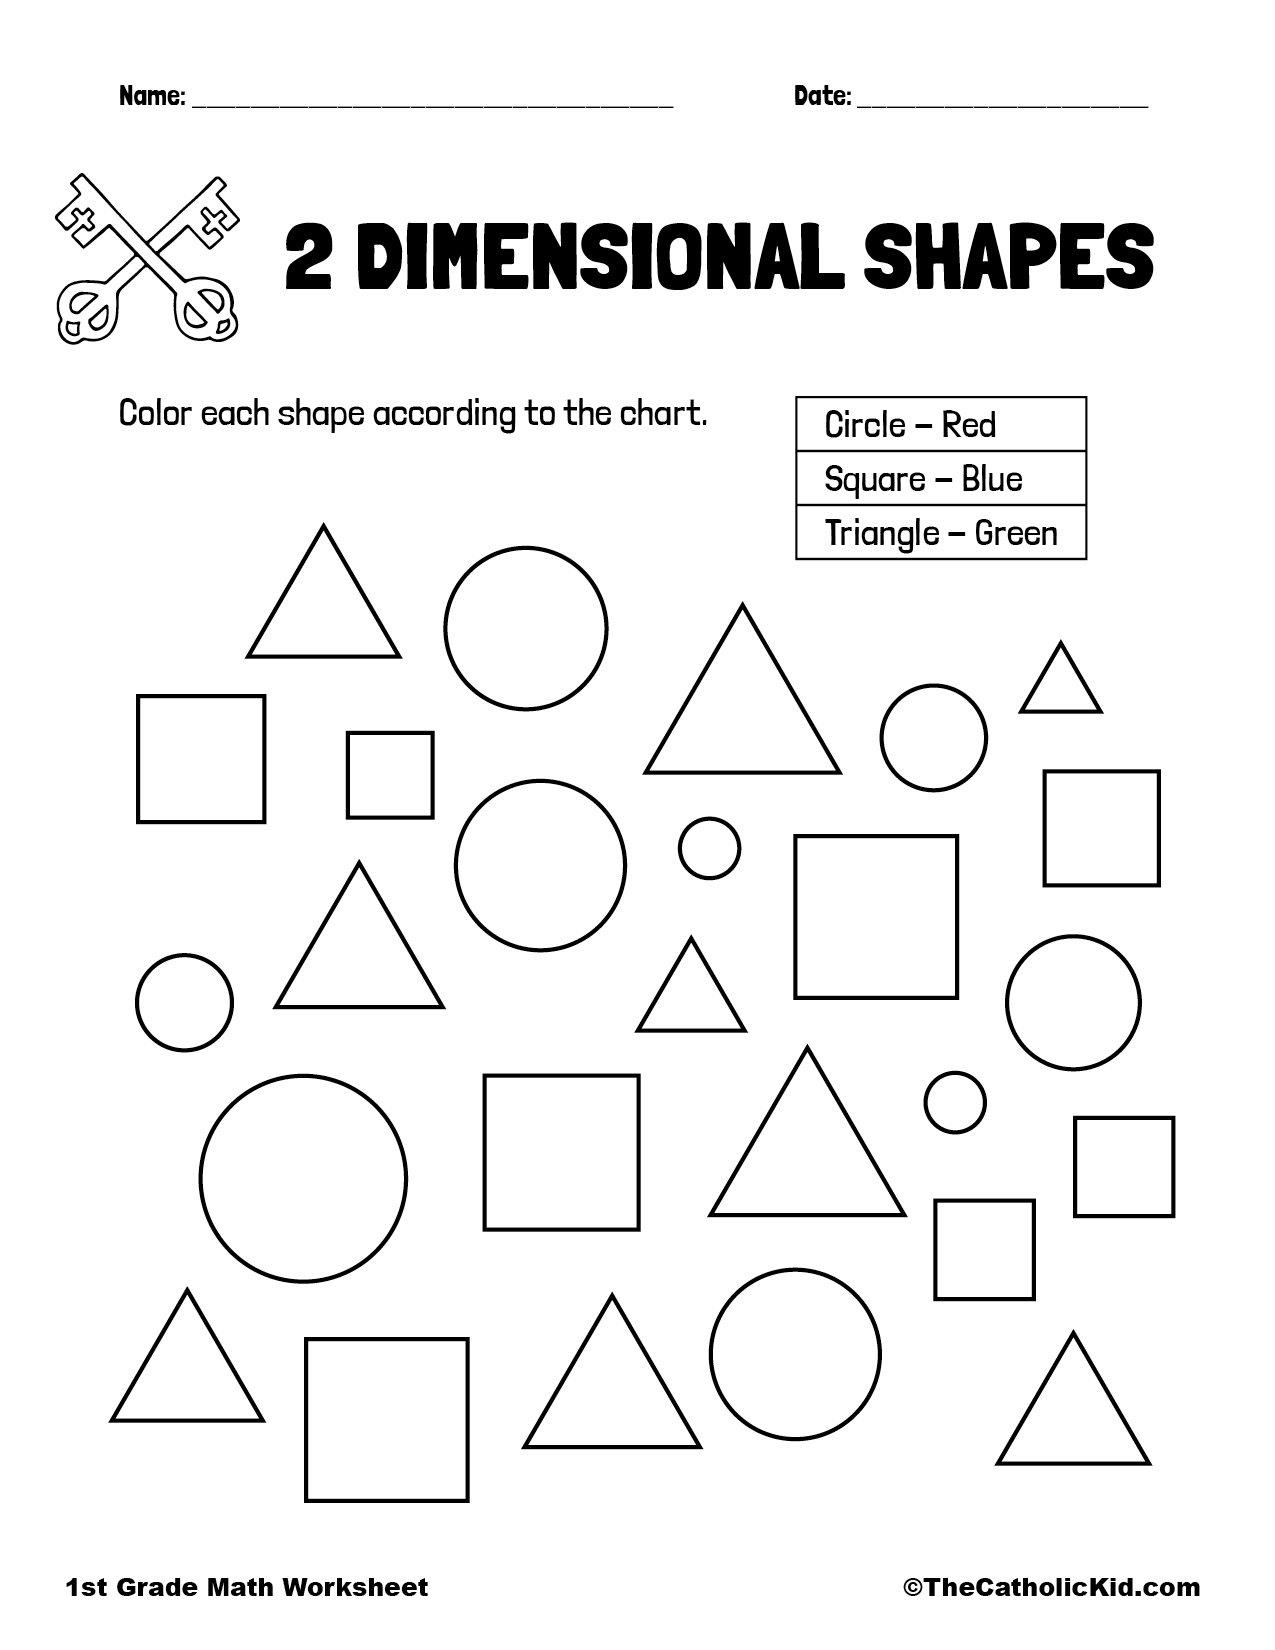 1st Grade Math Catholic Themed Worksheet Shapes